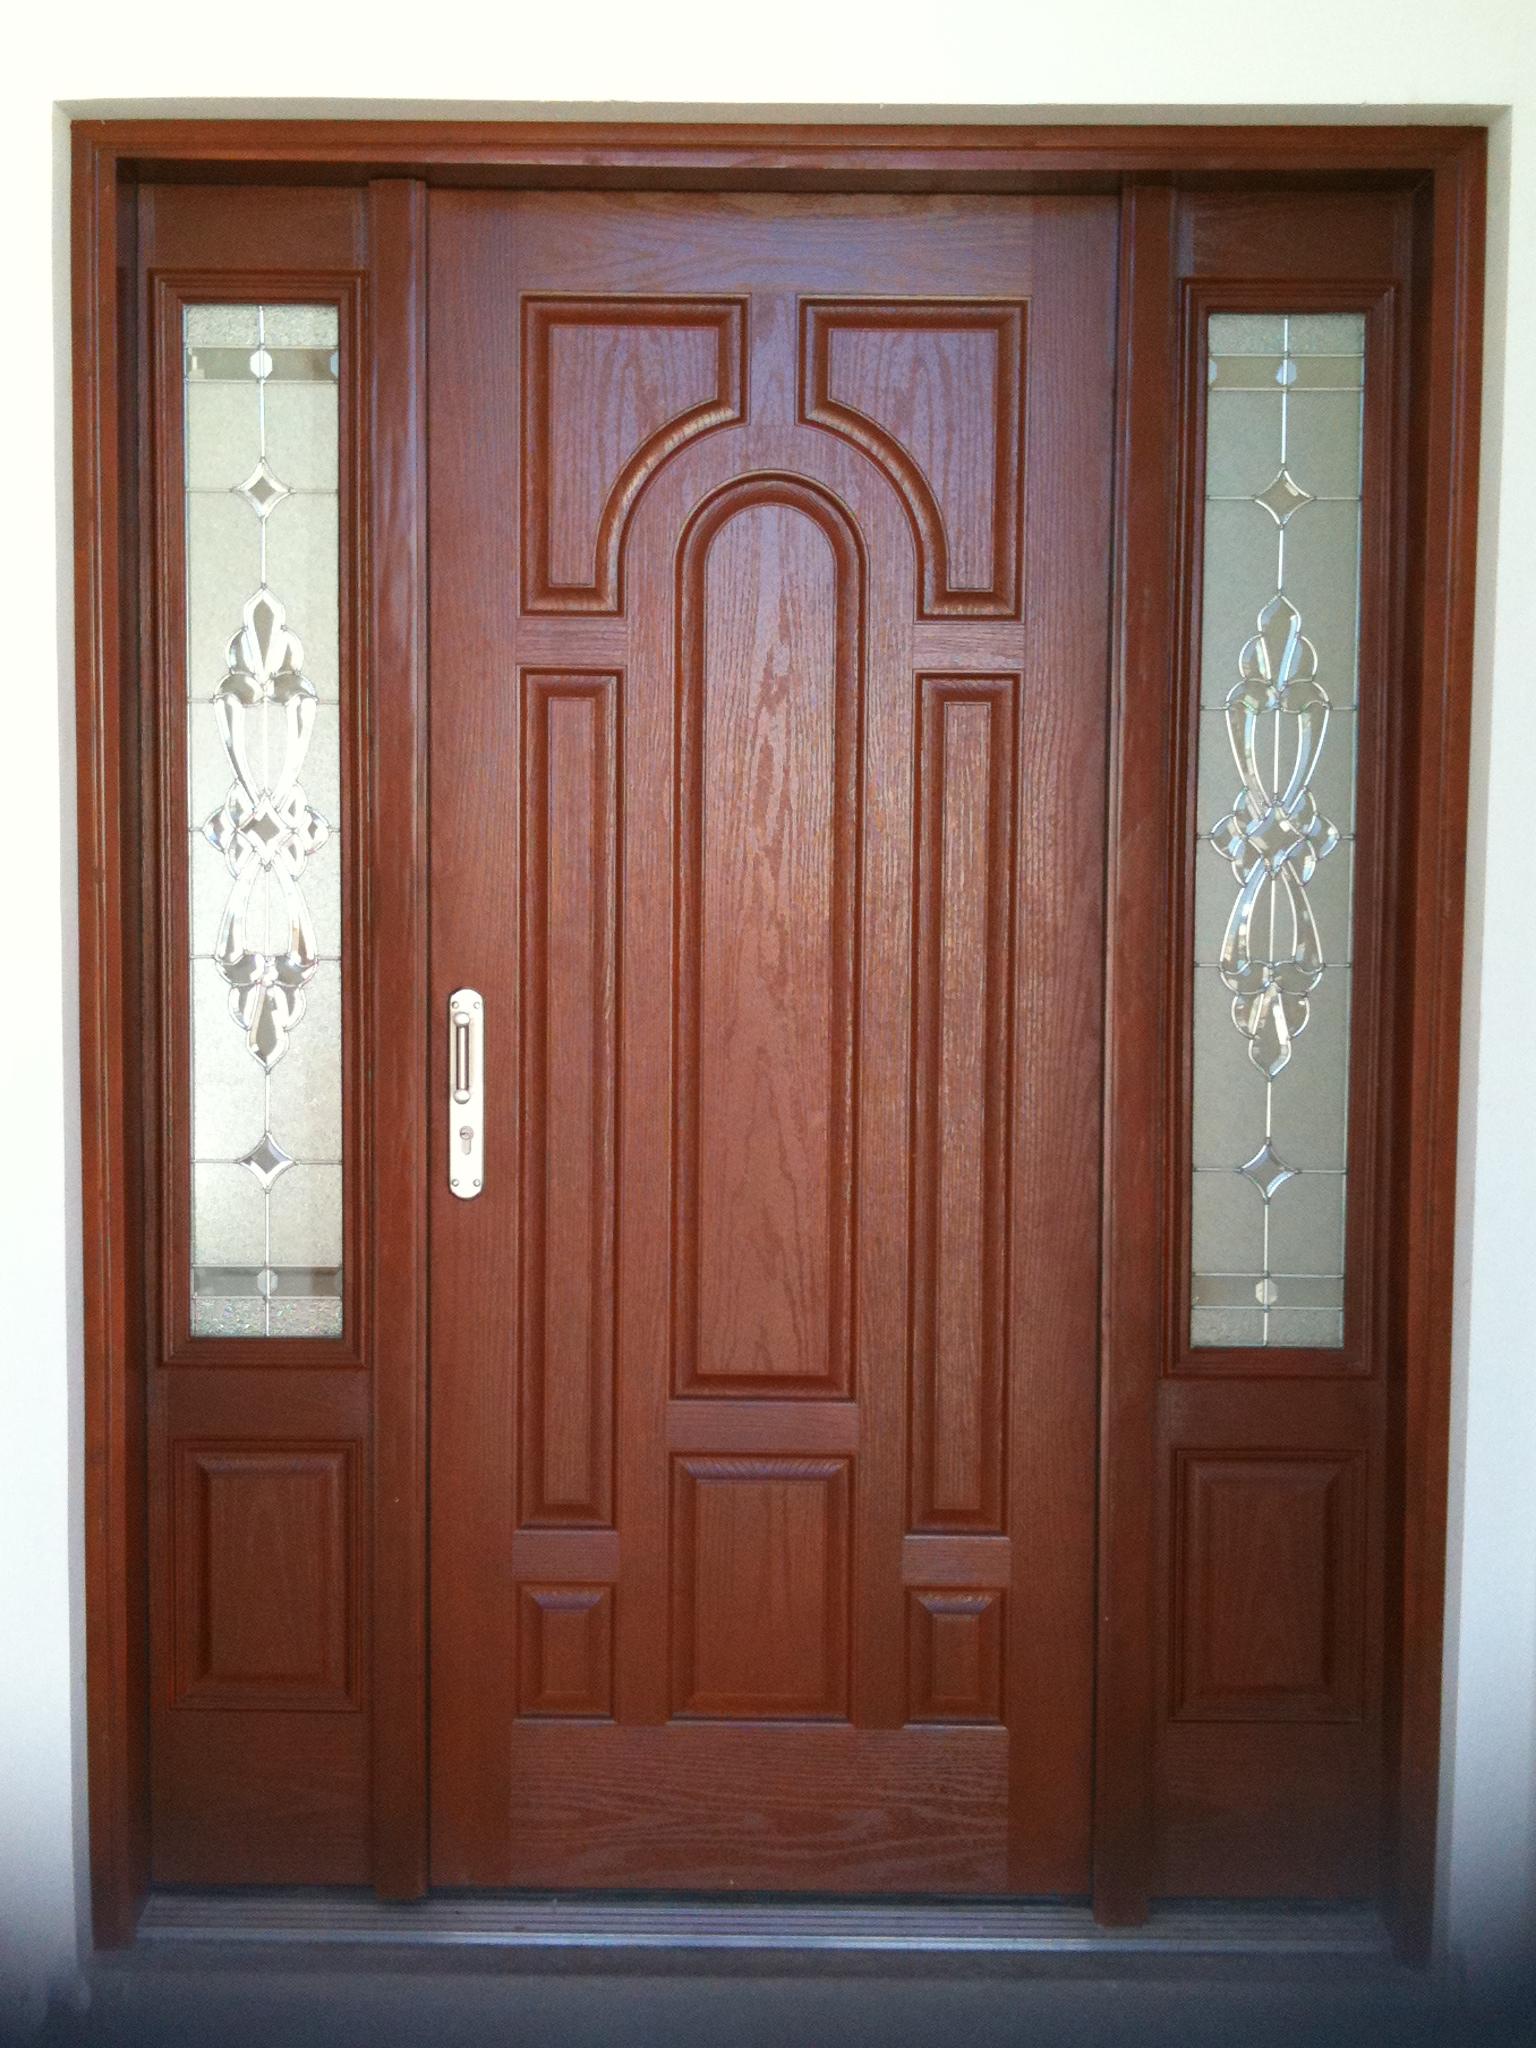 Ludicasa sa de cv chihuahua mirador 7566 614 4231 for Disenos de puertas en madera y vidrio